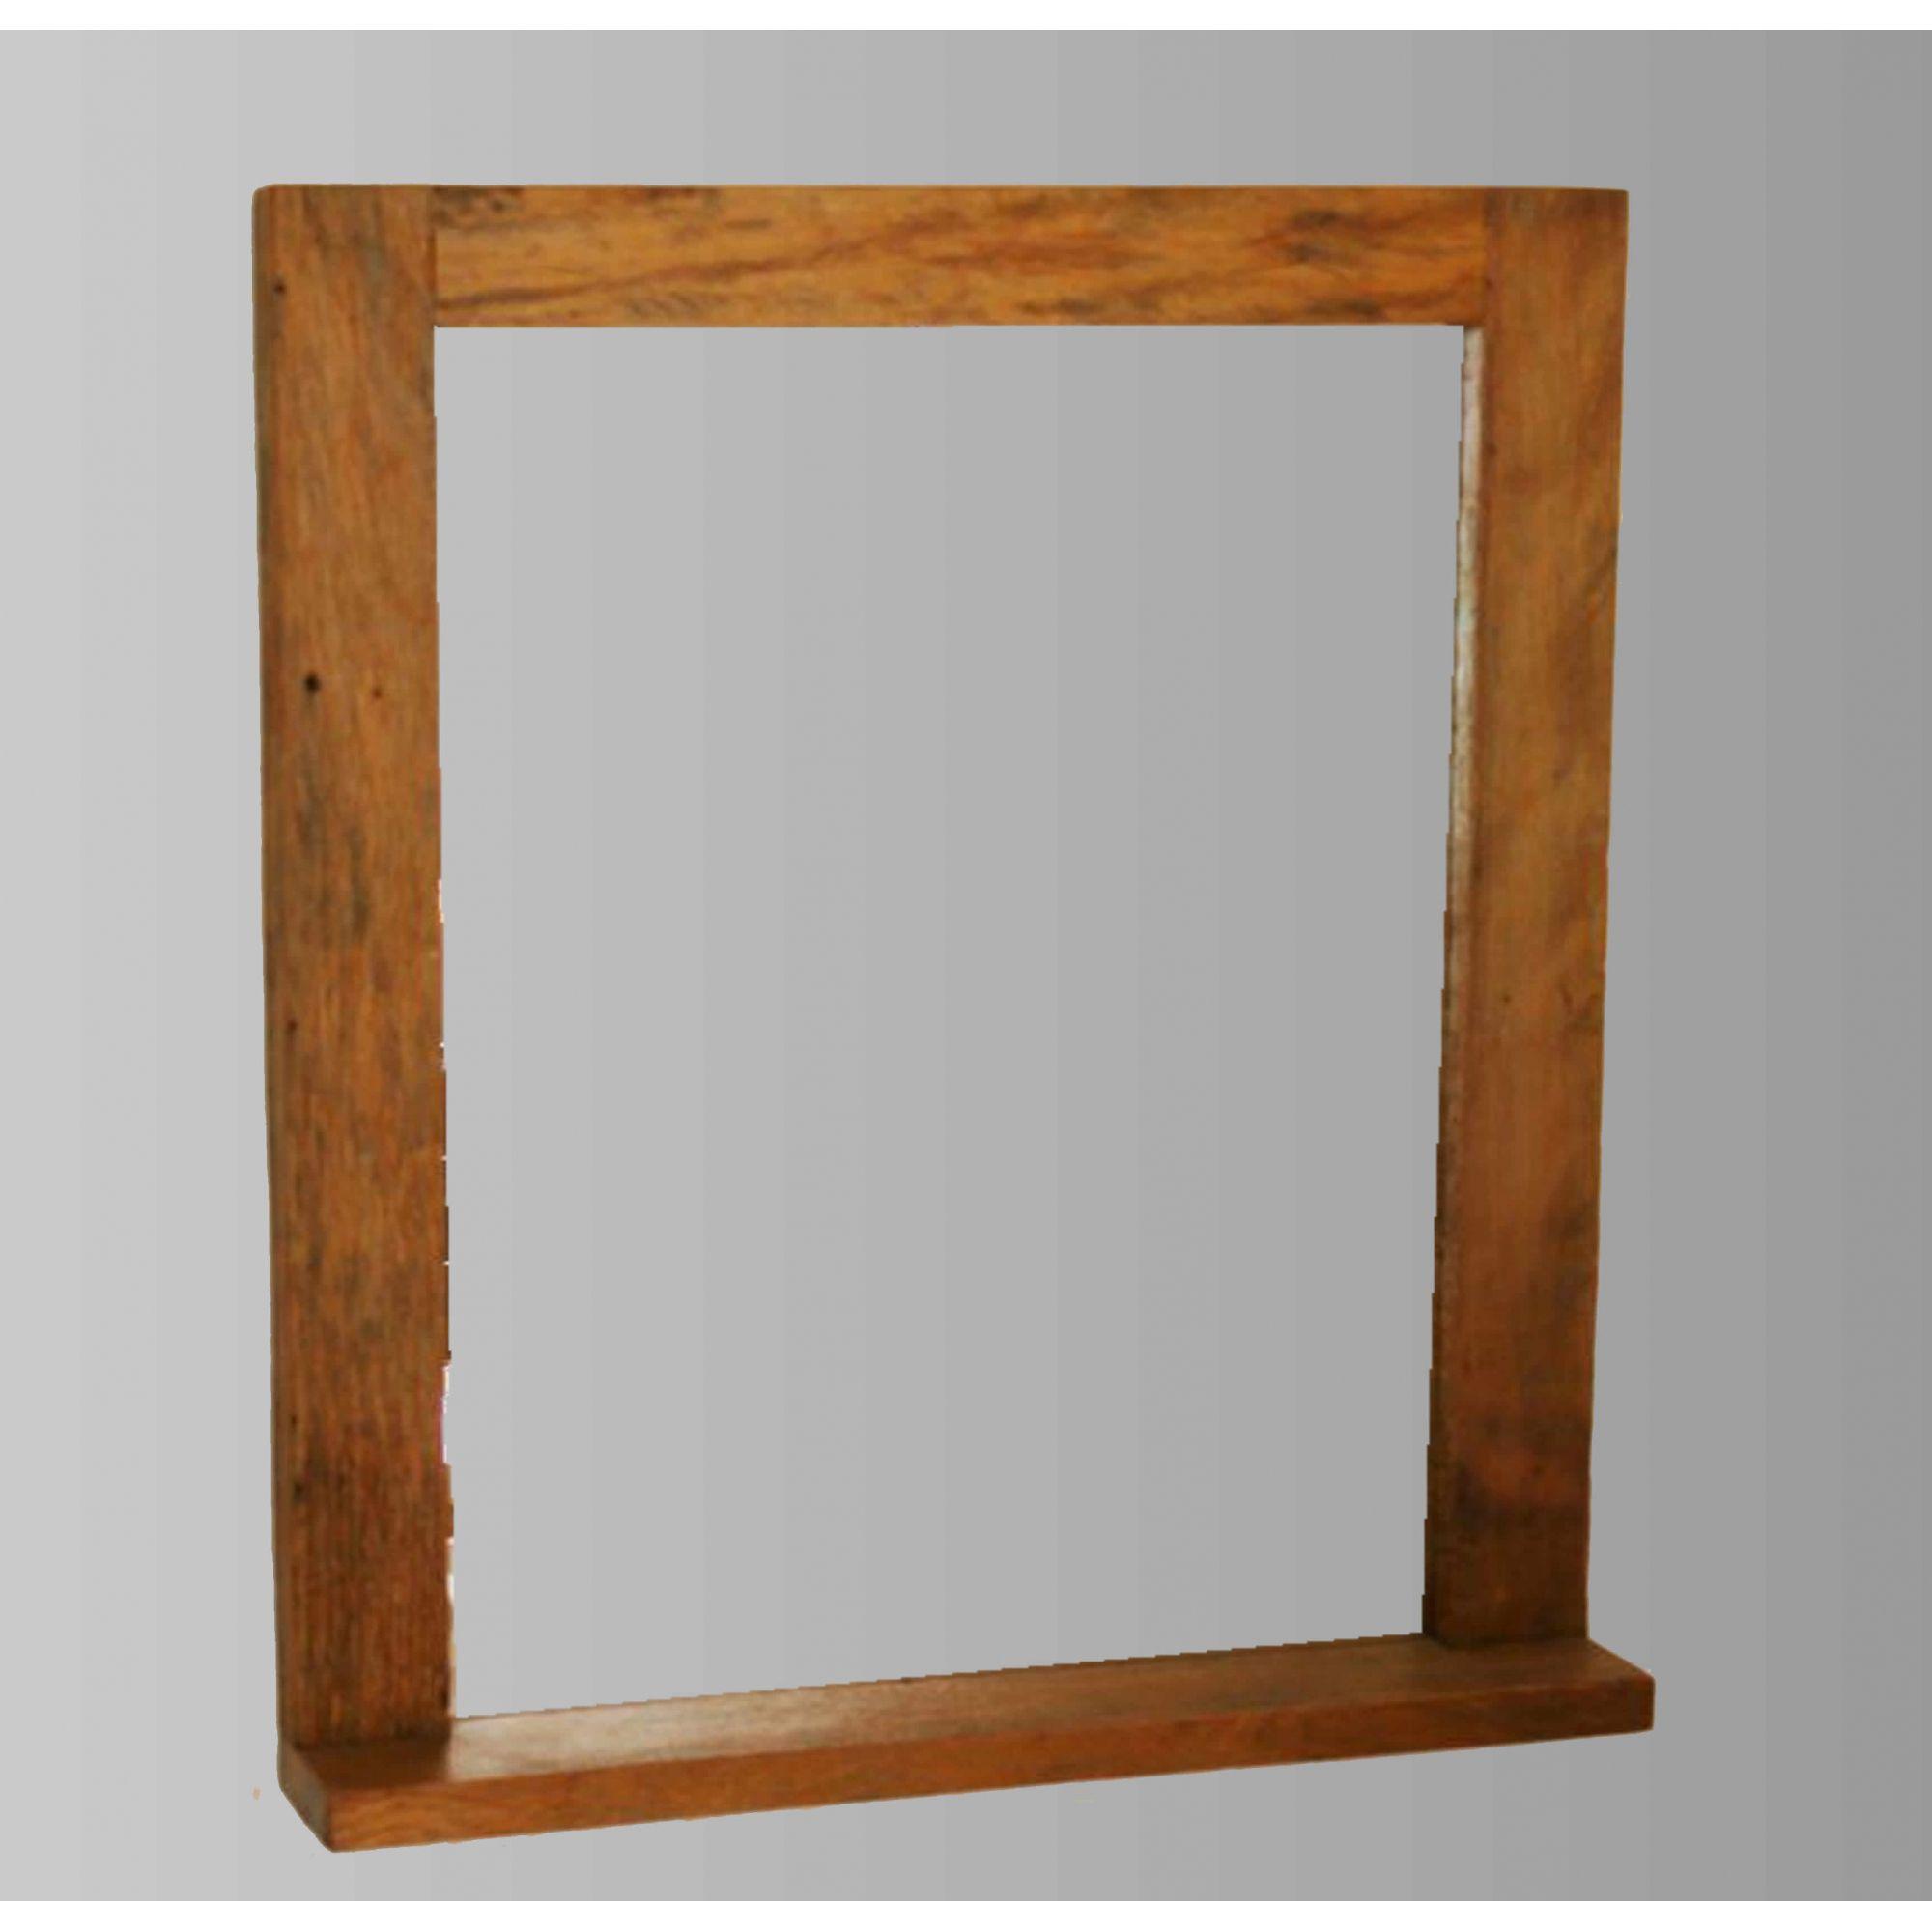 Moldura com prateleira Em Madeira De Demolição 1,20x80 Sem Espelho